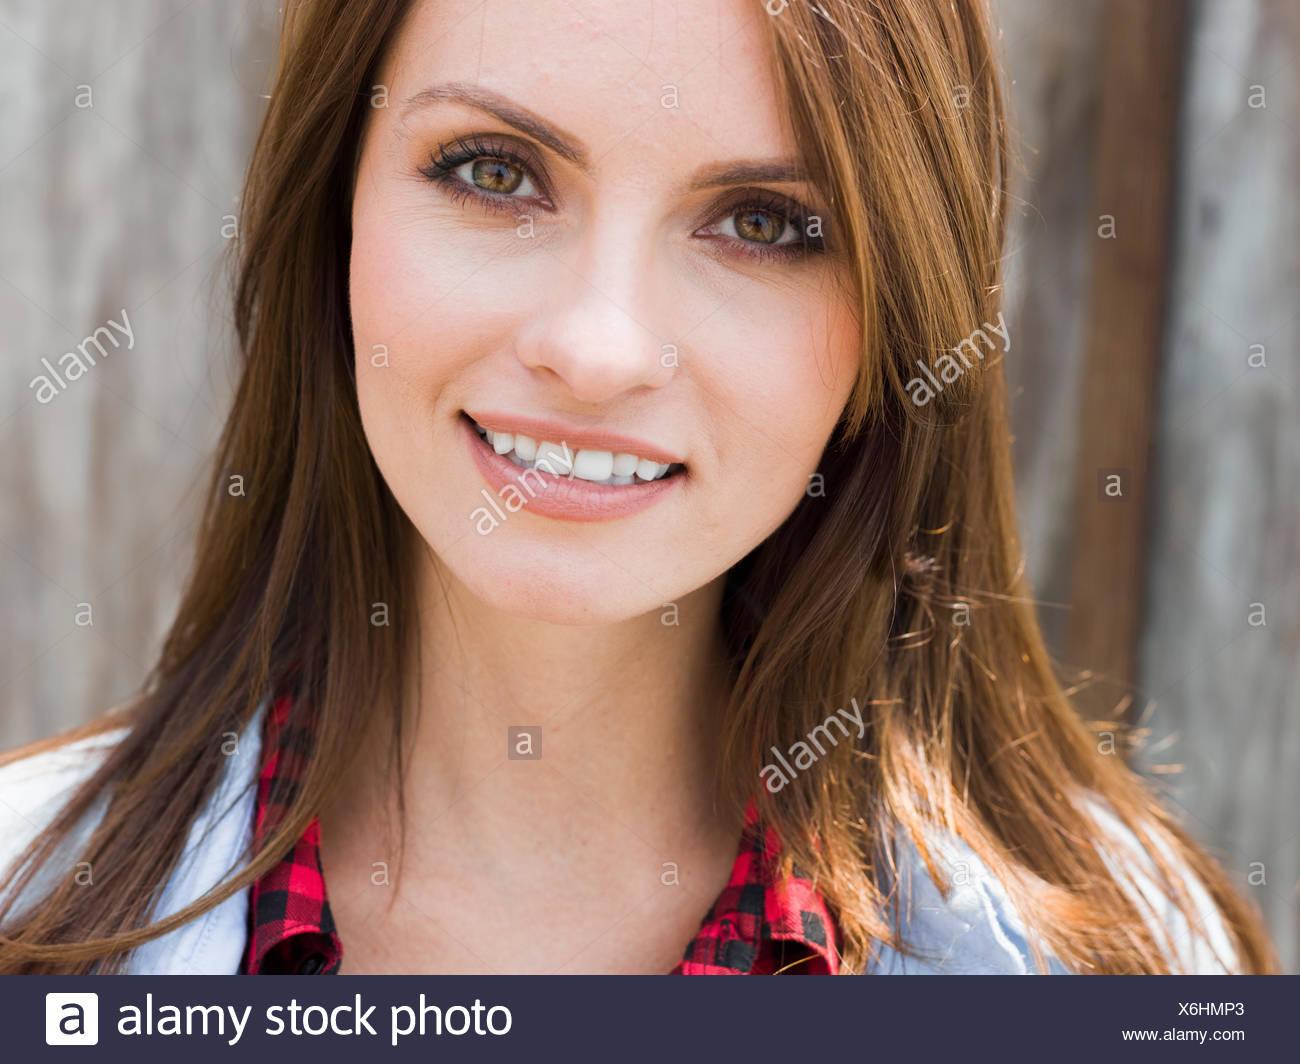 Una bella donna con occhi marroni e capelli castani. Immagini Stock